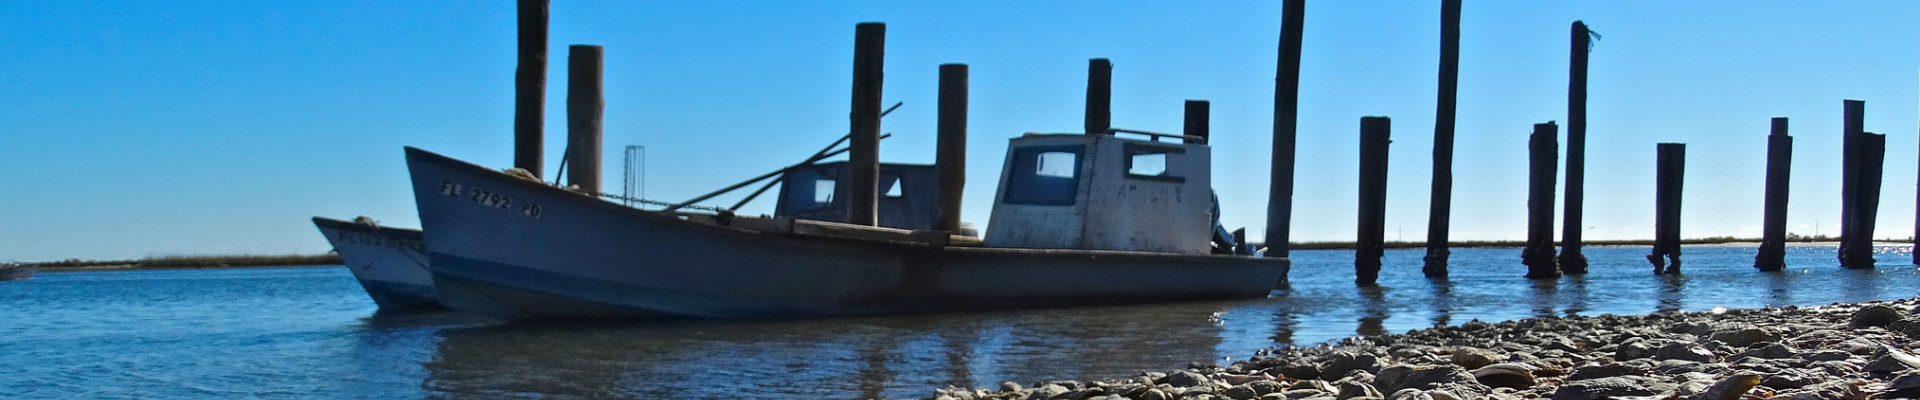 eastpoint oyster boats slide